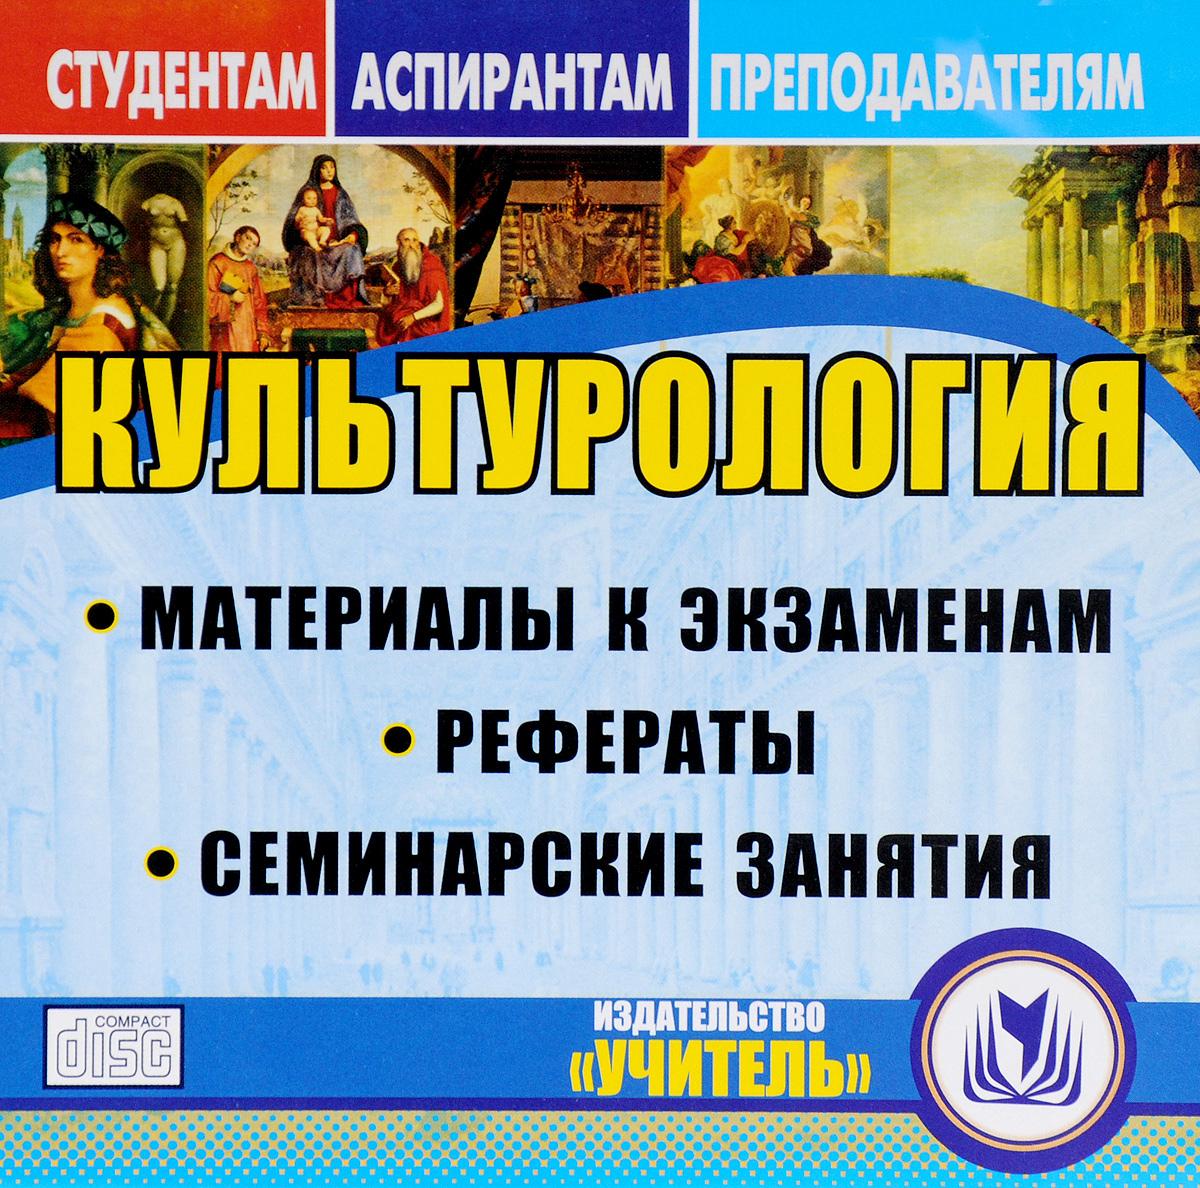 Культурология. Материалы к экзаменам. Рефераты. Семинарские занятия